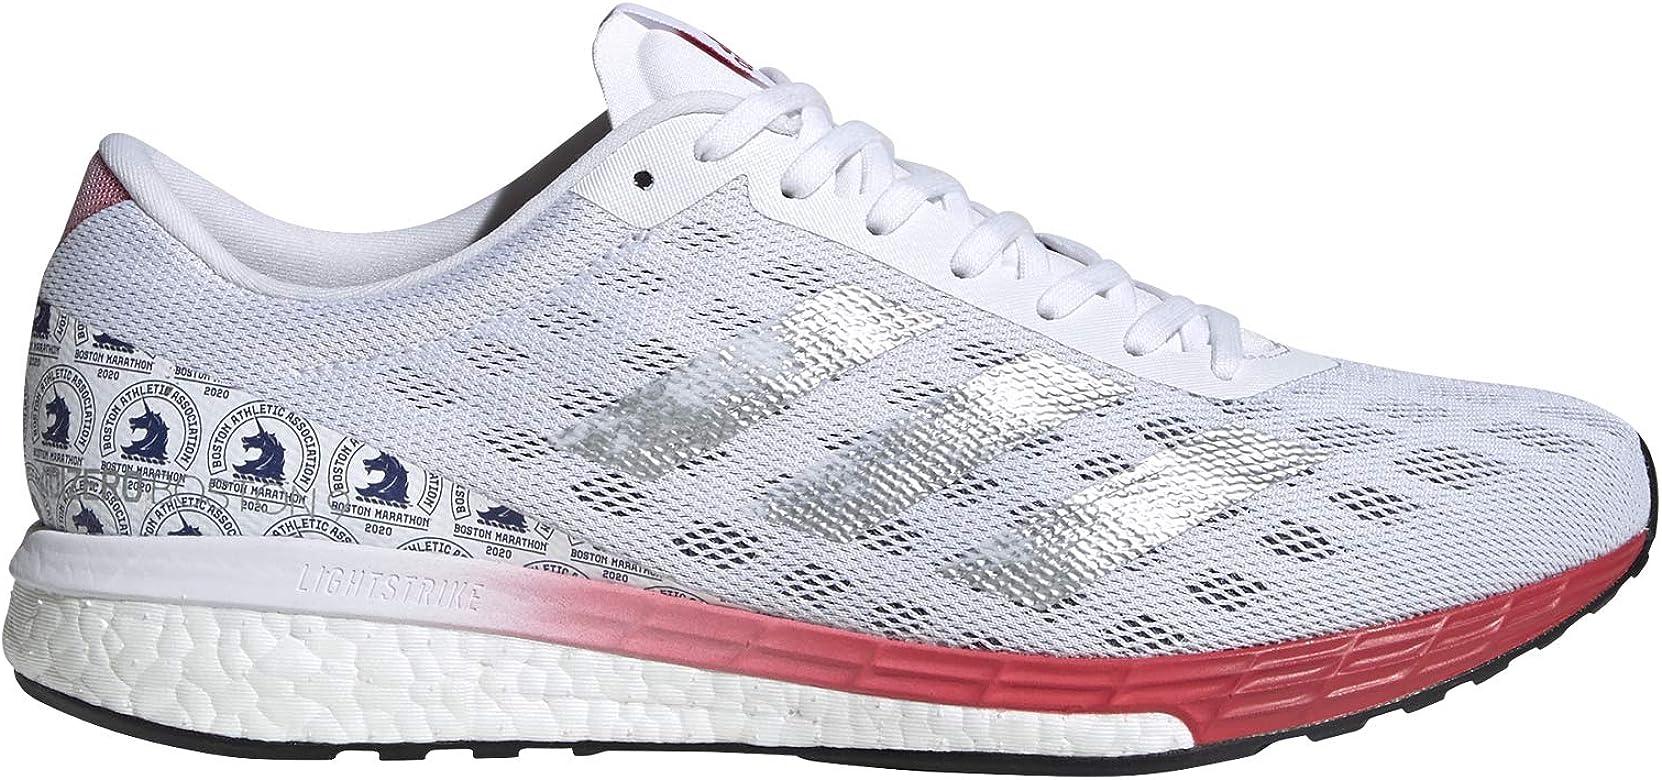 Adidas Adizero Boston 9 Zapatillas para Correr - AW20-41.3: Amazon.es: Zapatos y complementos